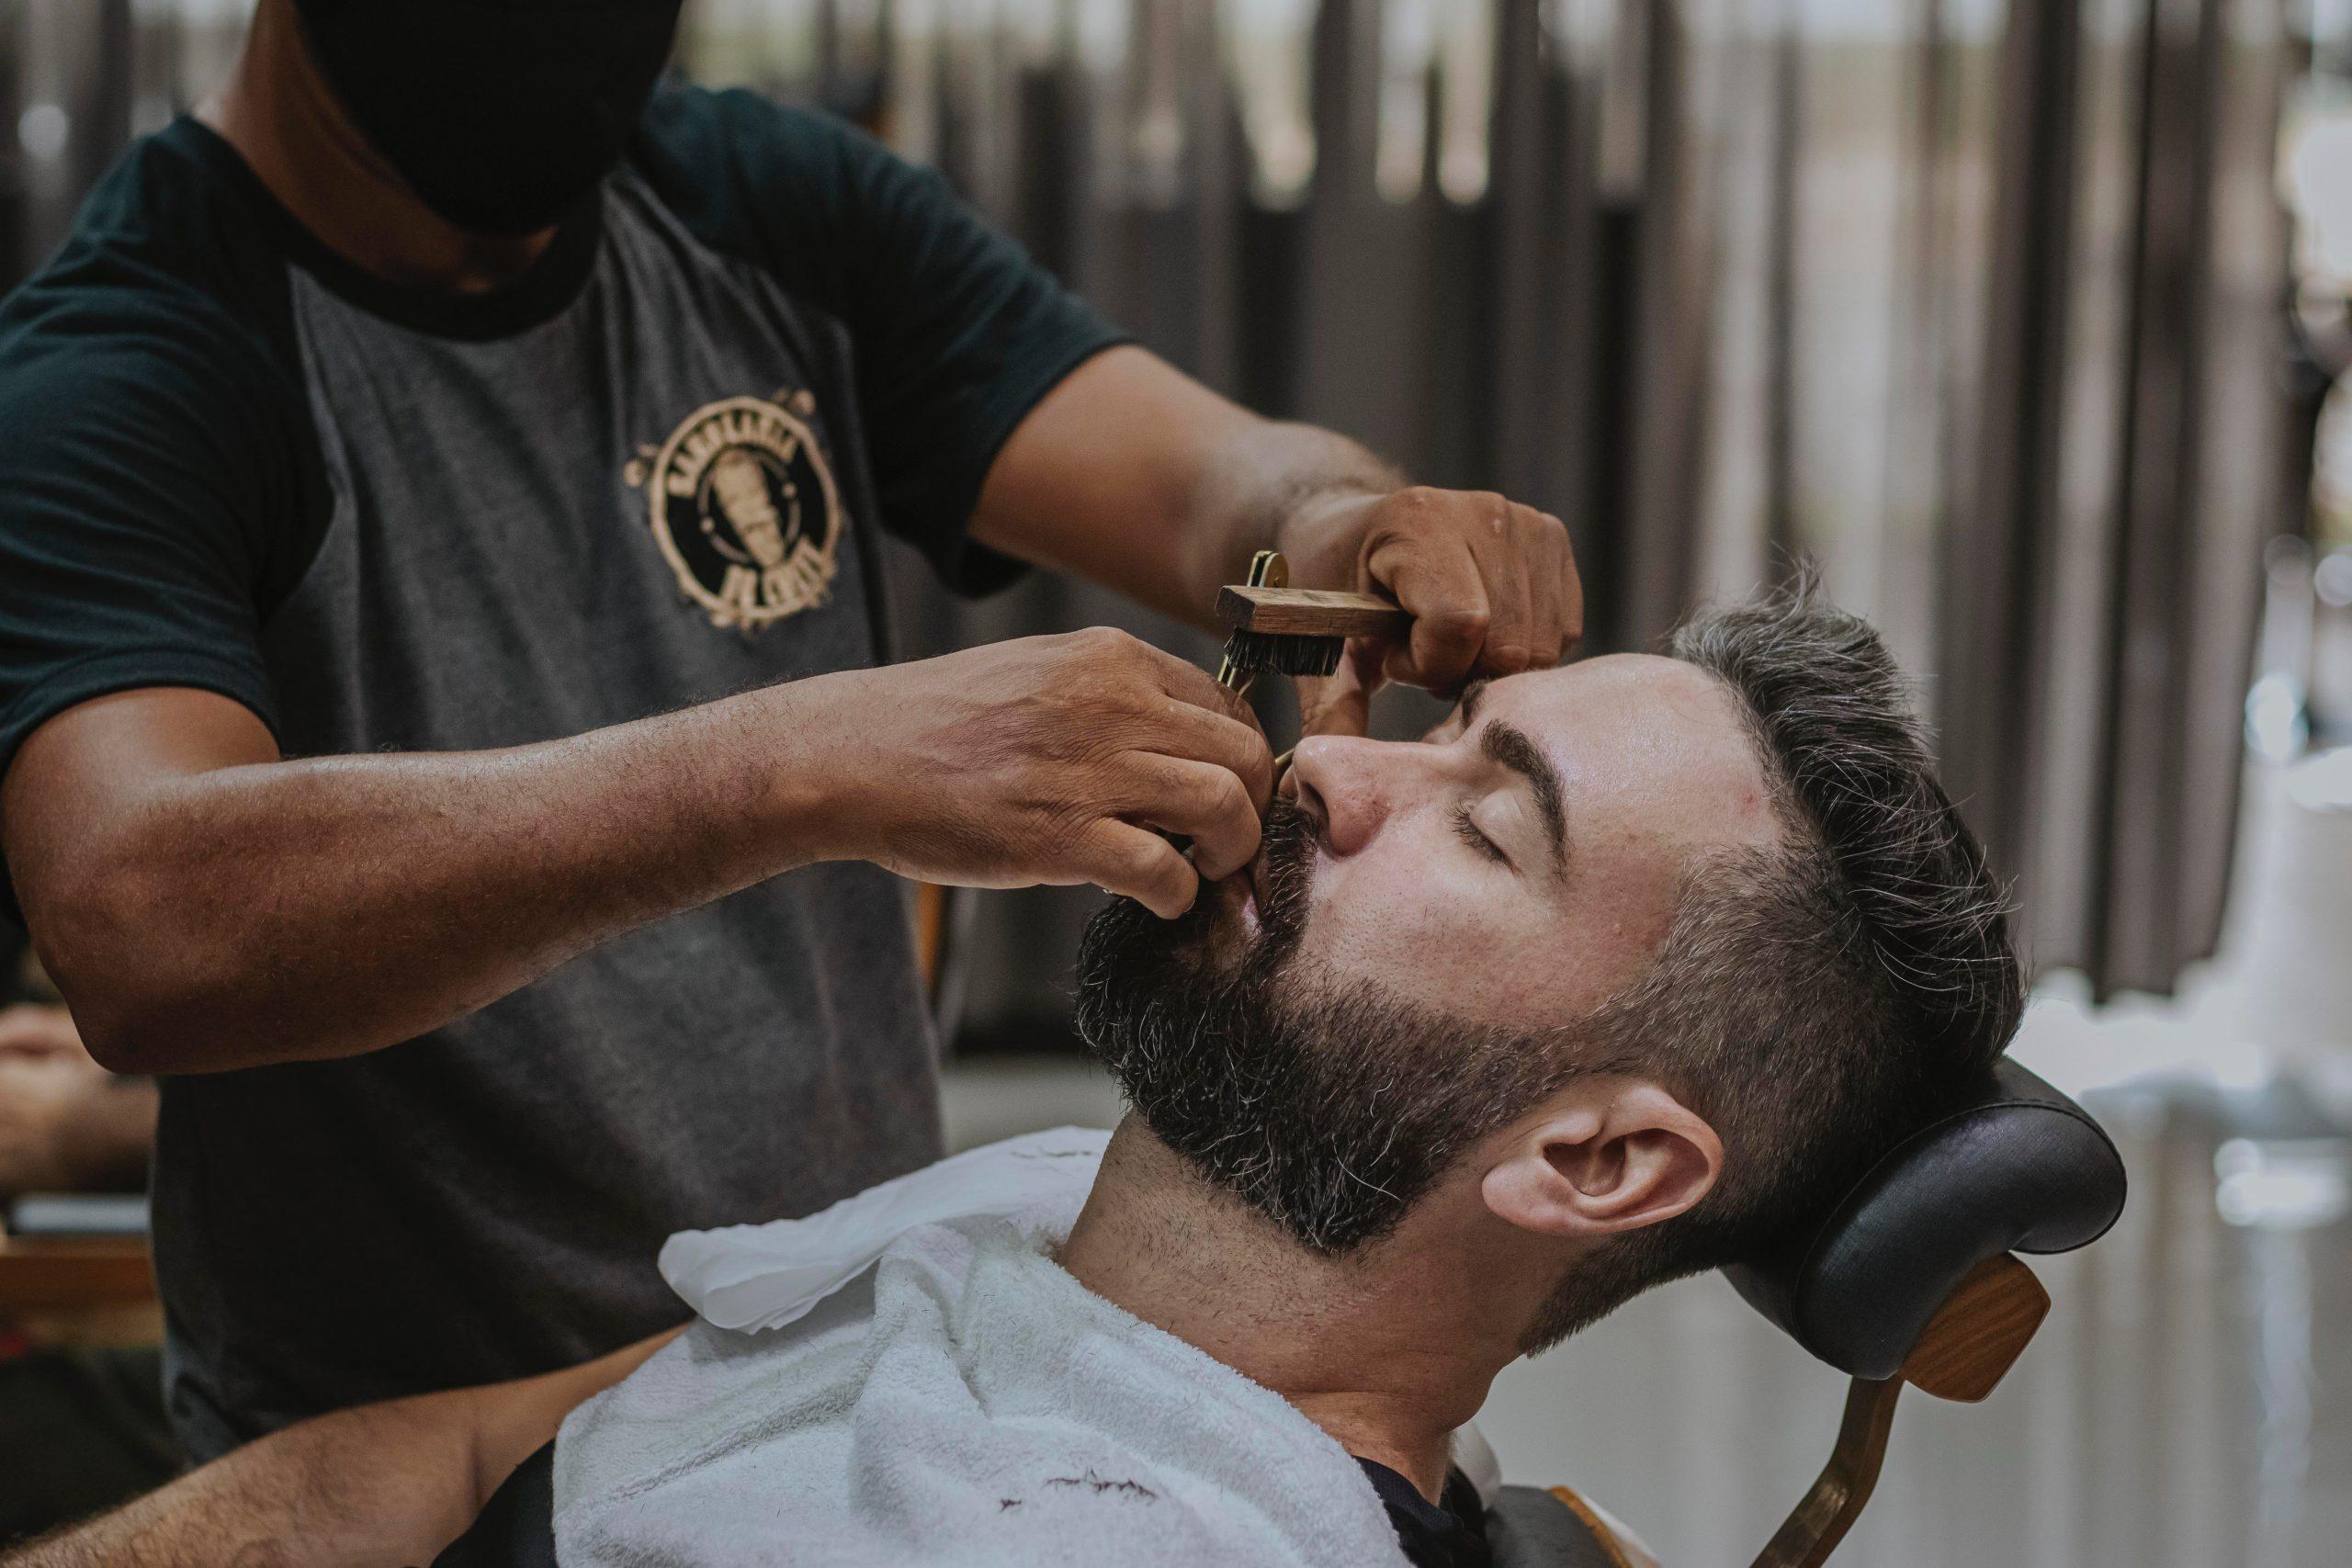 Barbeiro fazendo a barba de cliente